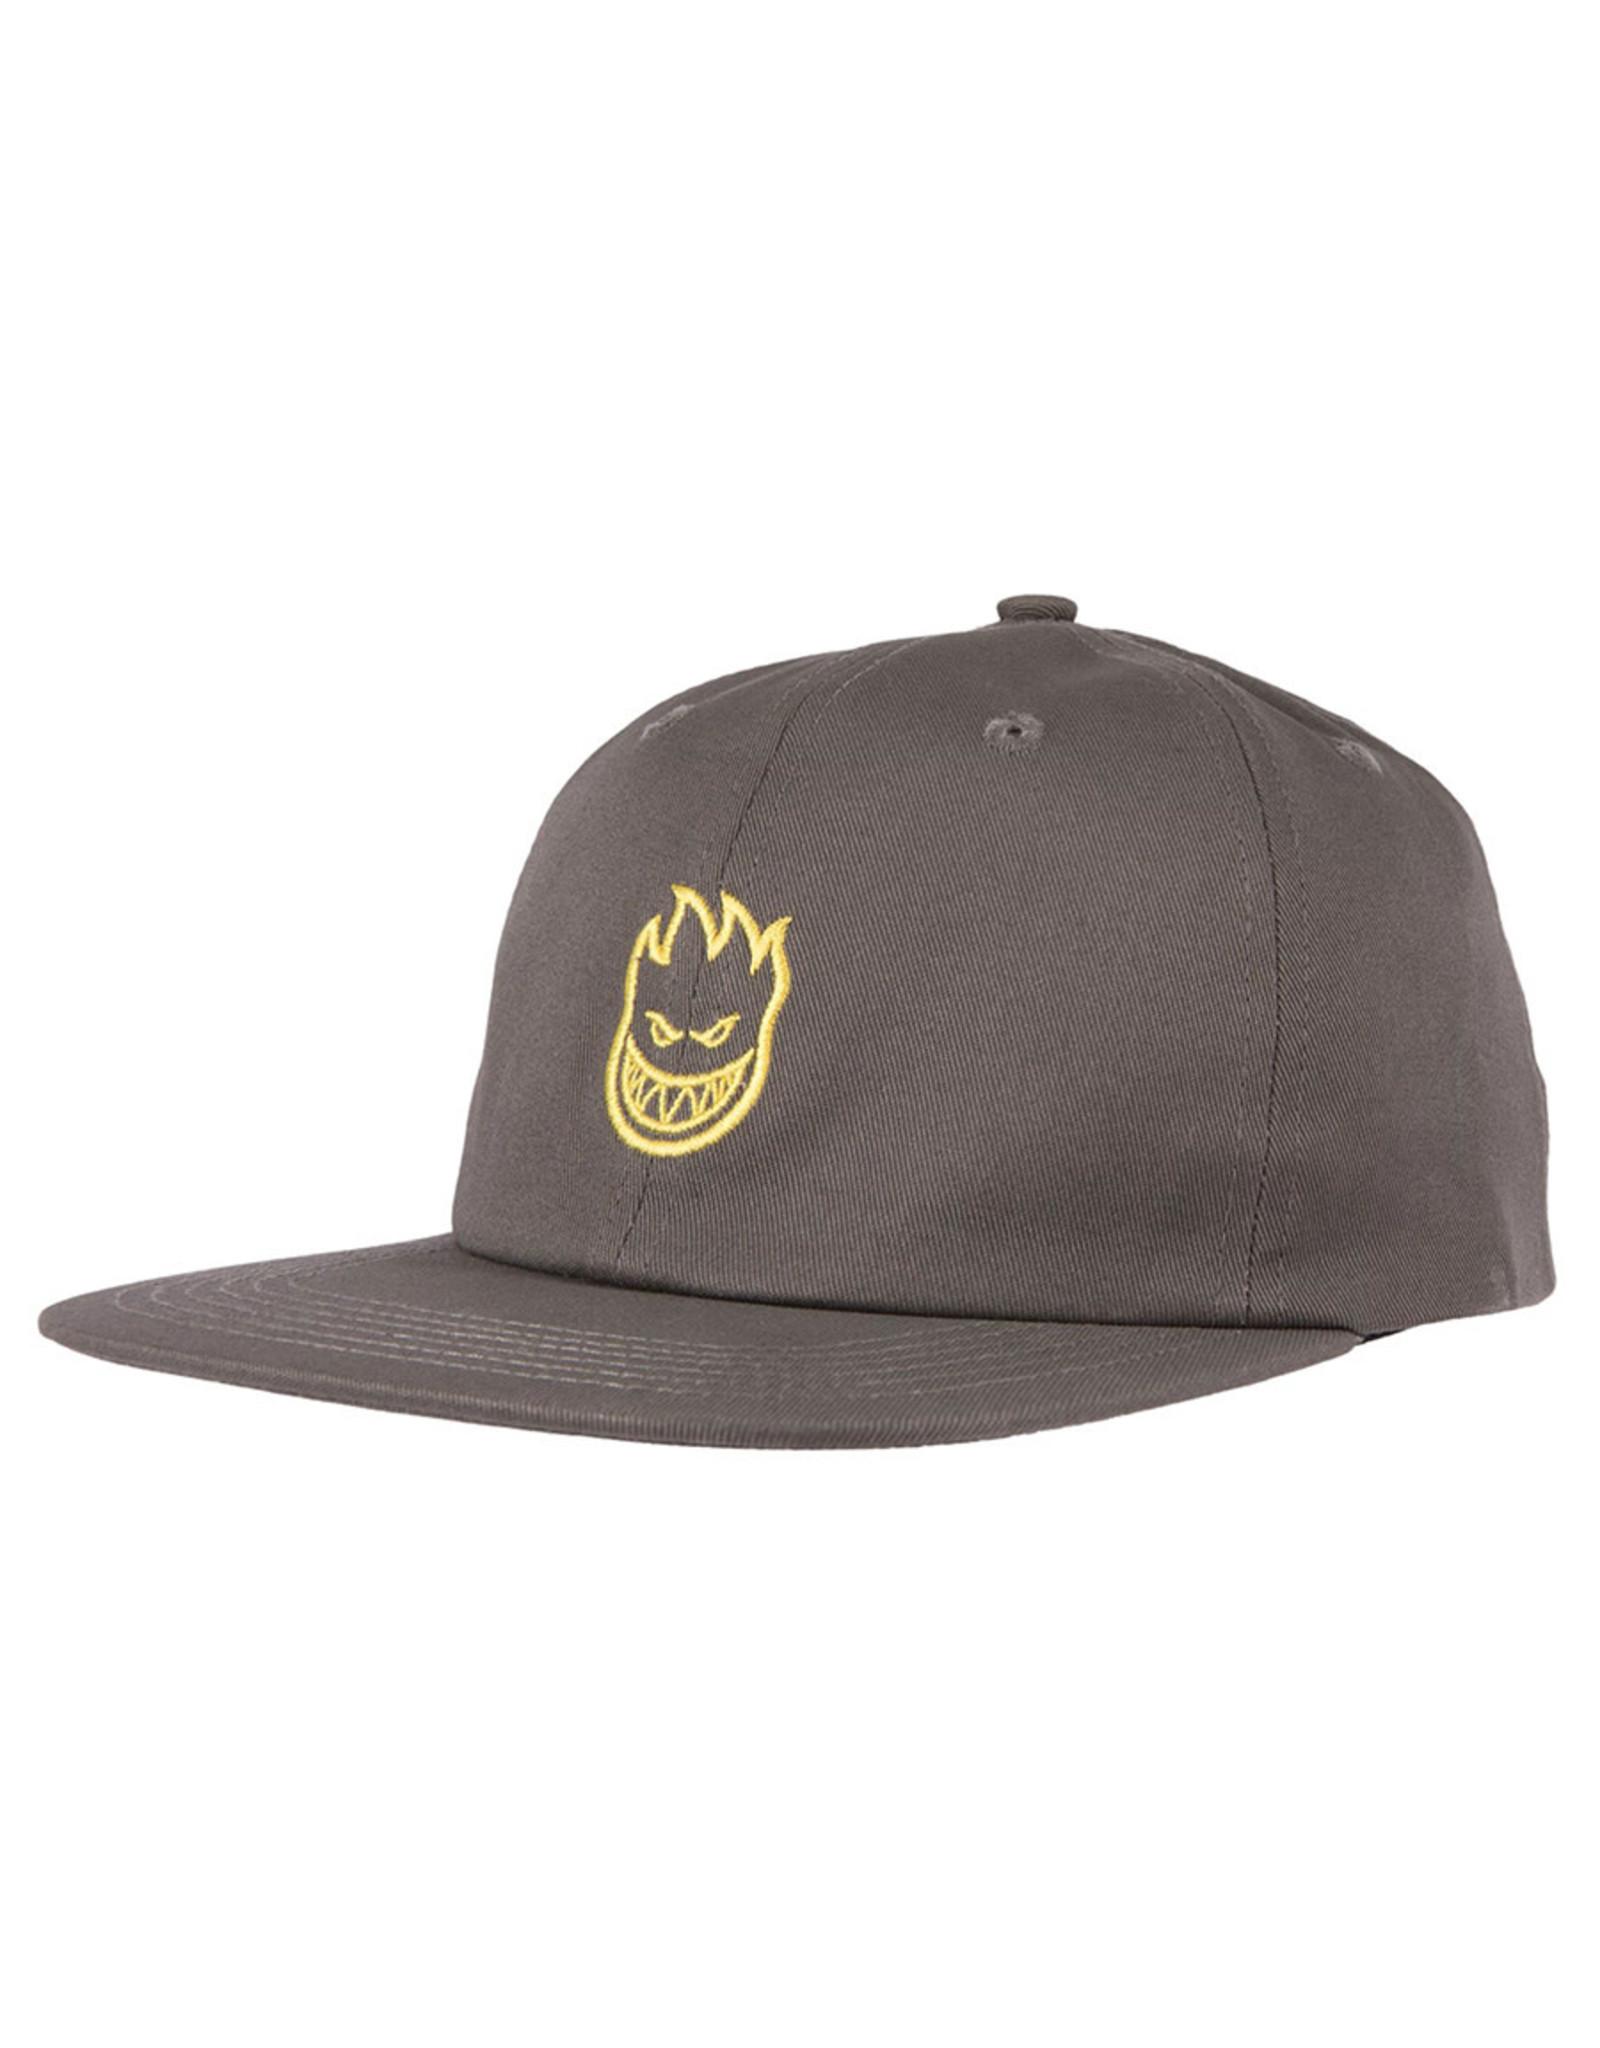 Spitfire Spitfire Hat Lil Bighead Strapback (Dark Grey/Yellow)